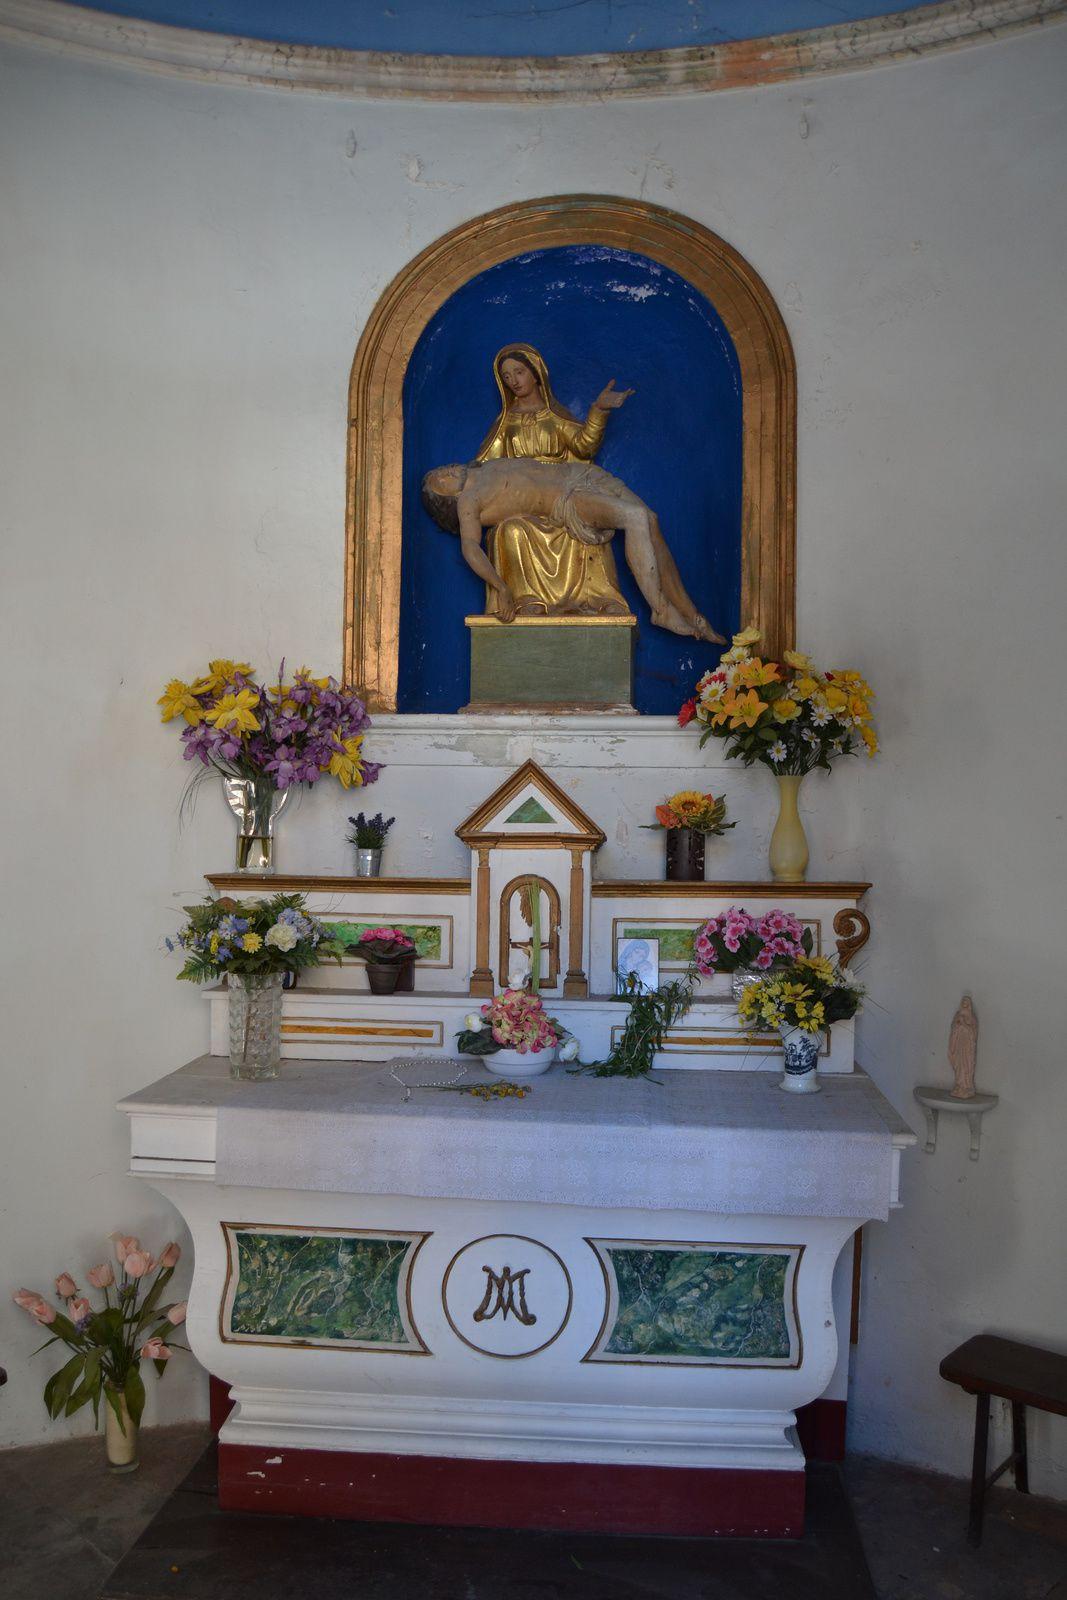 C'est l'érection d'une croix en bois en 1357 qui est à l'origine de ce lieu de culte.